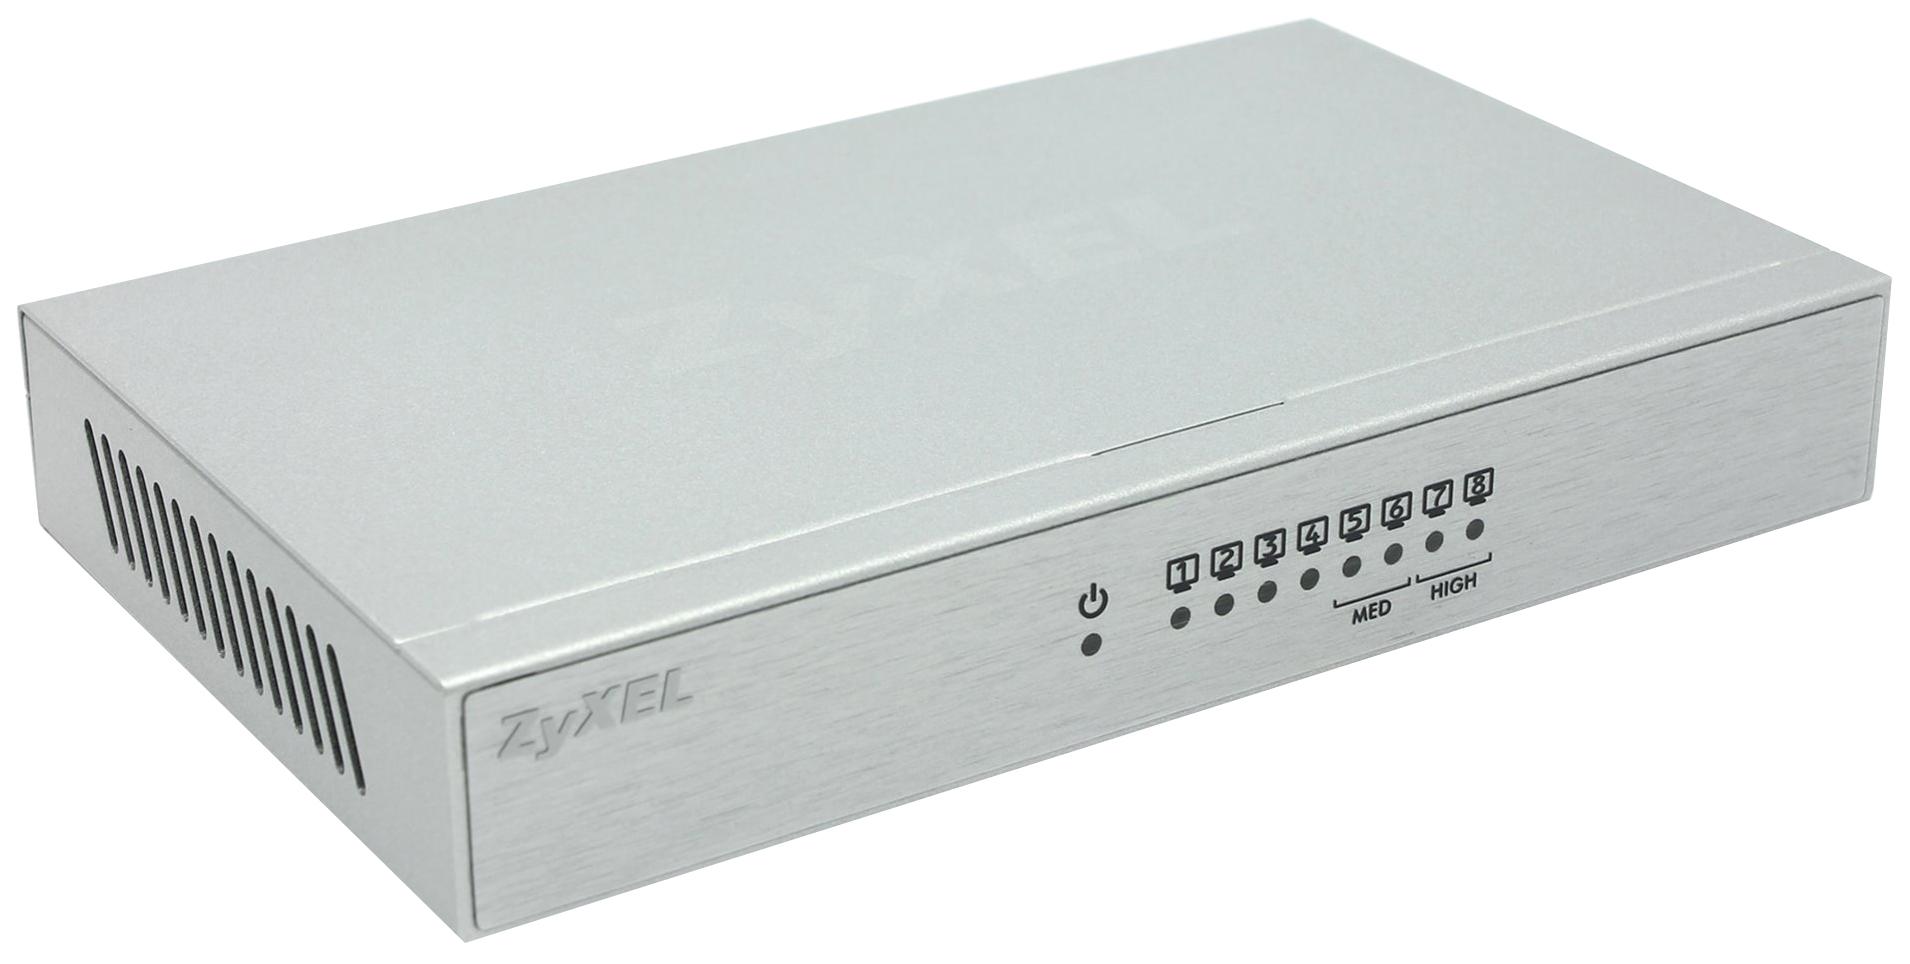 Коммутатор ZyXEL GS-108B Серый